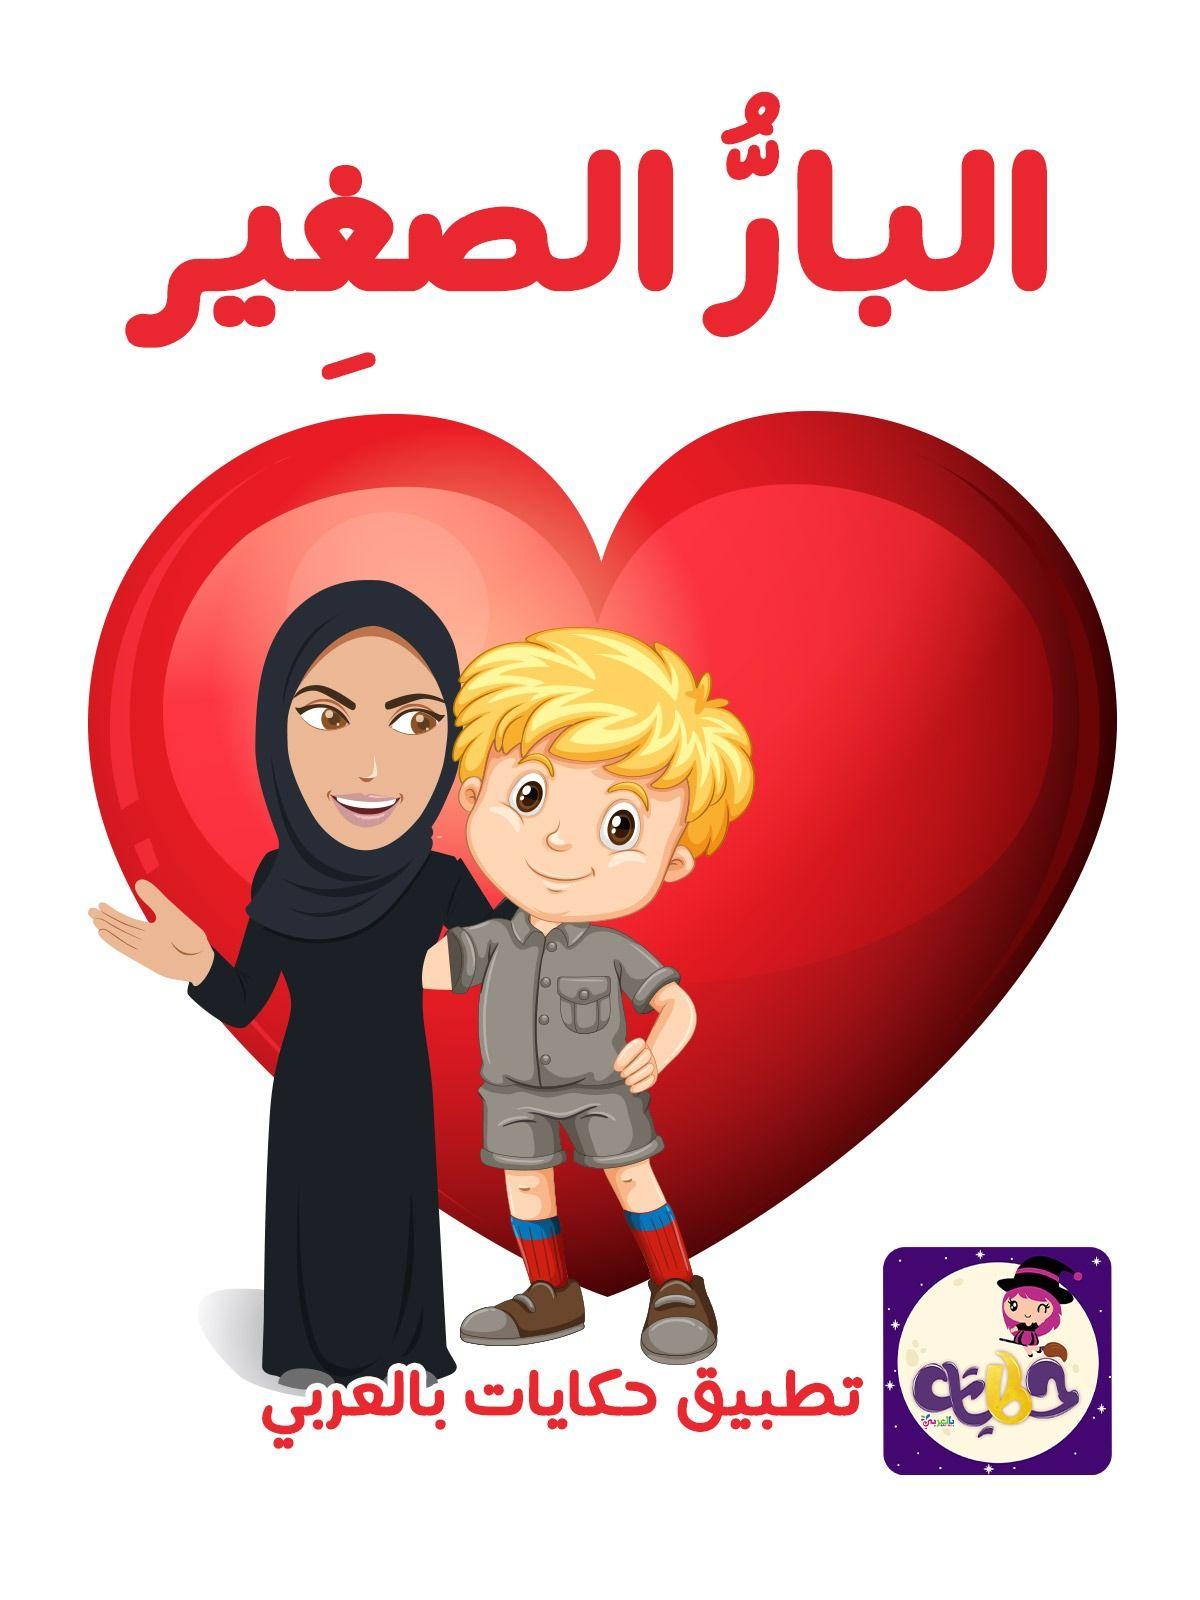 قصة البار الصغير قصة عن بر الوالدين مصورة للاطفال بالعربي نتعلم Character Family Guy Fictional Characters